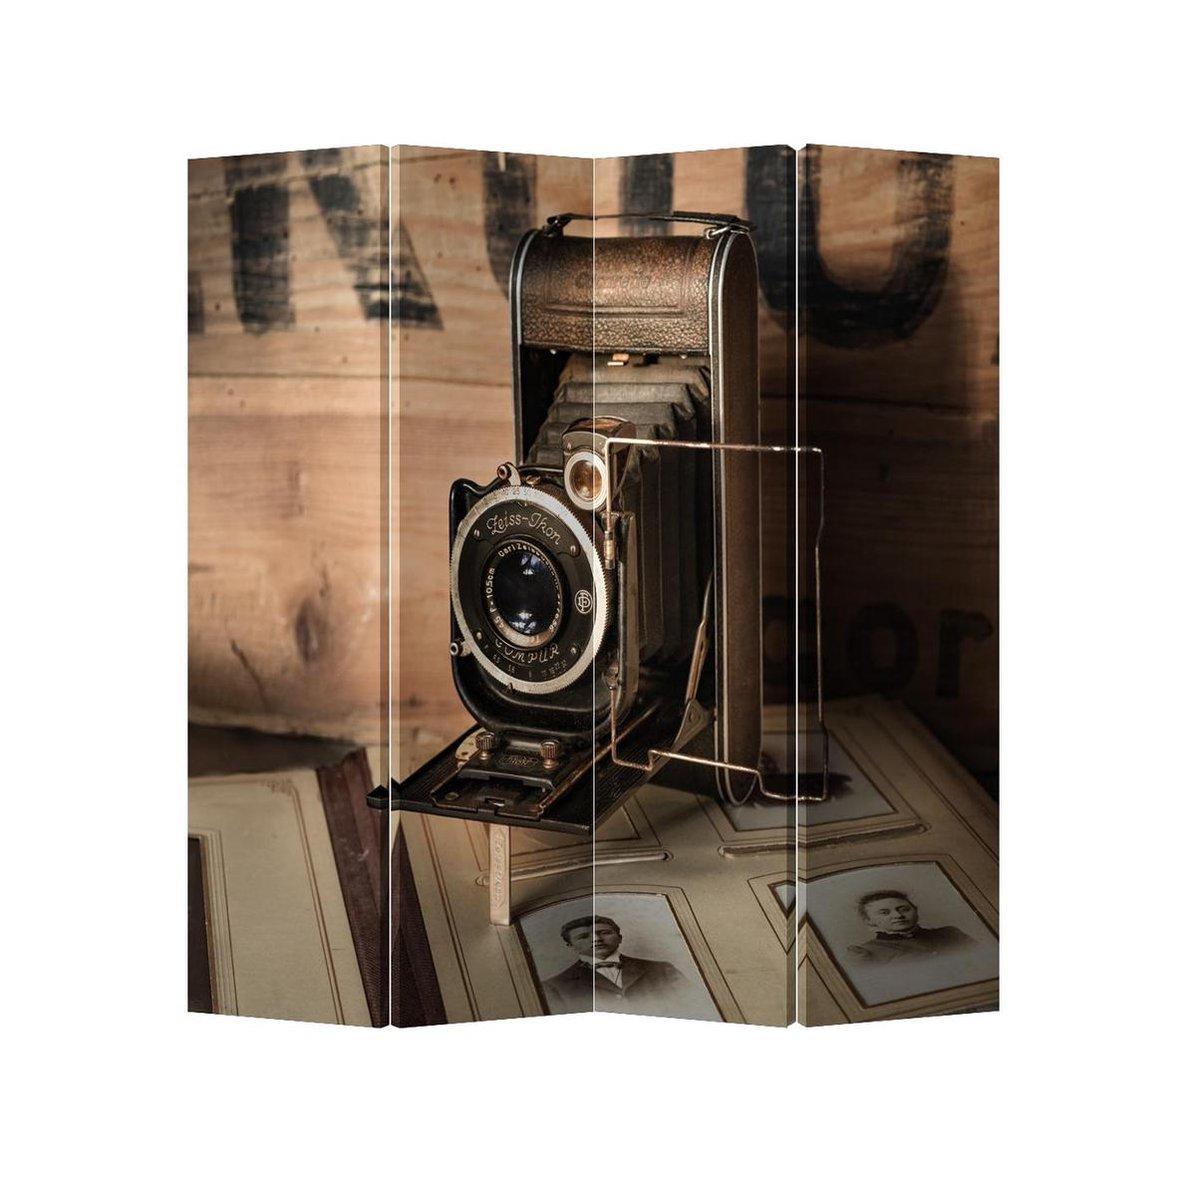 Orientique Kamerscherm 4 Panelen Vintage Camera Canvas Room Divider - Orientique